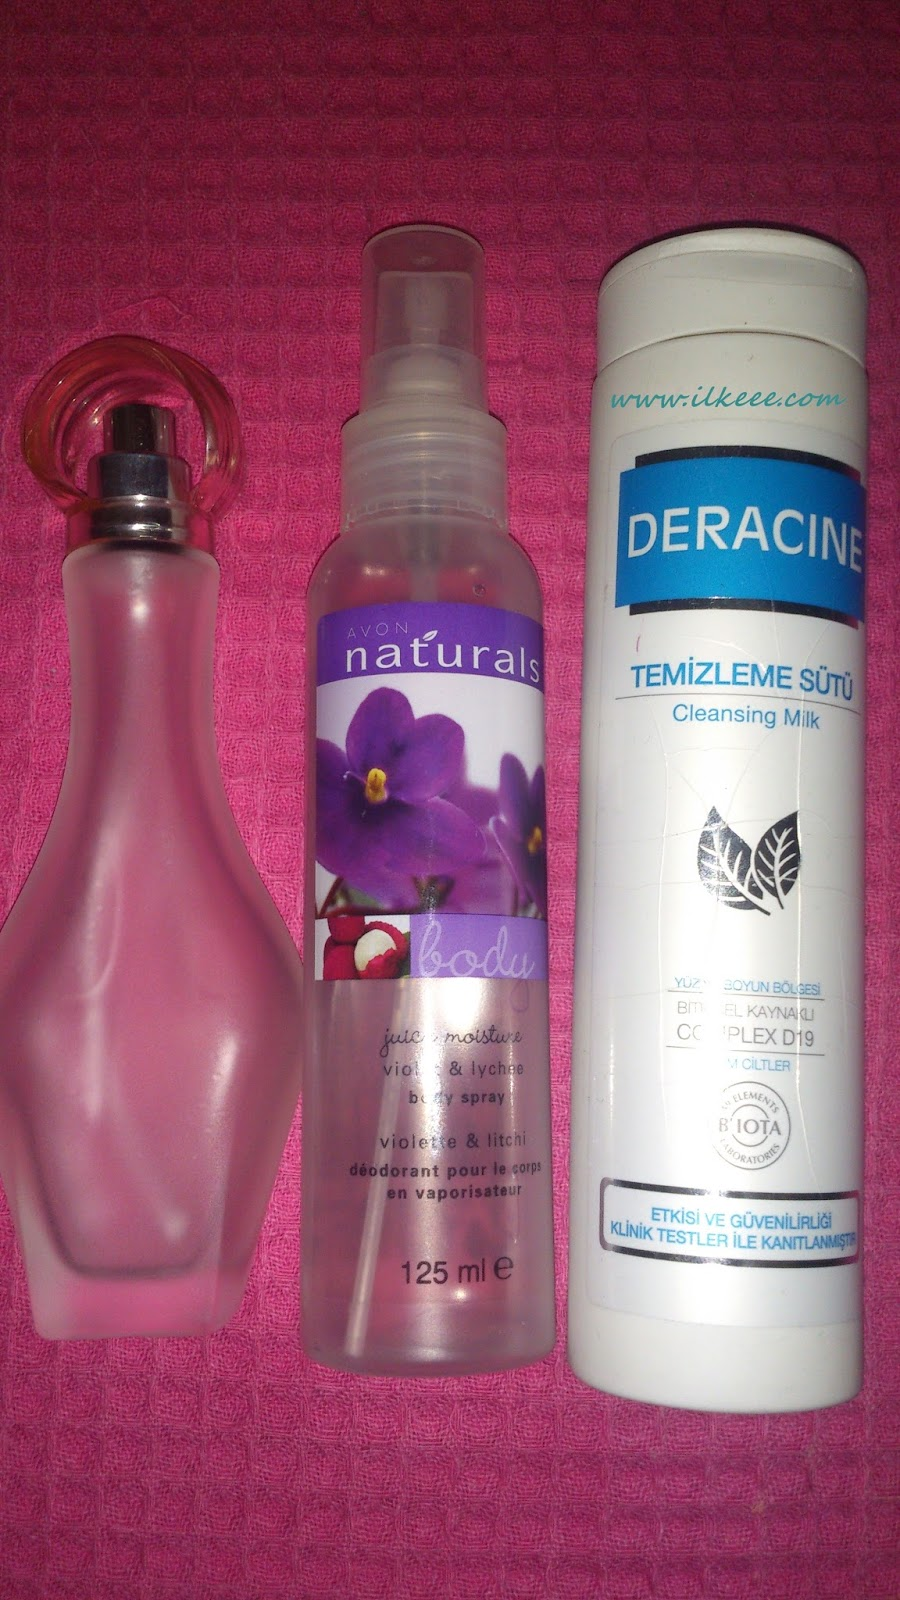 Avon Sensuelle Edp - Avon Naturals Body Sprey kullananlar - Deracine Temizleme Sütü